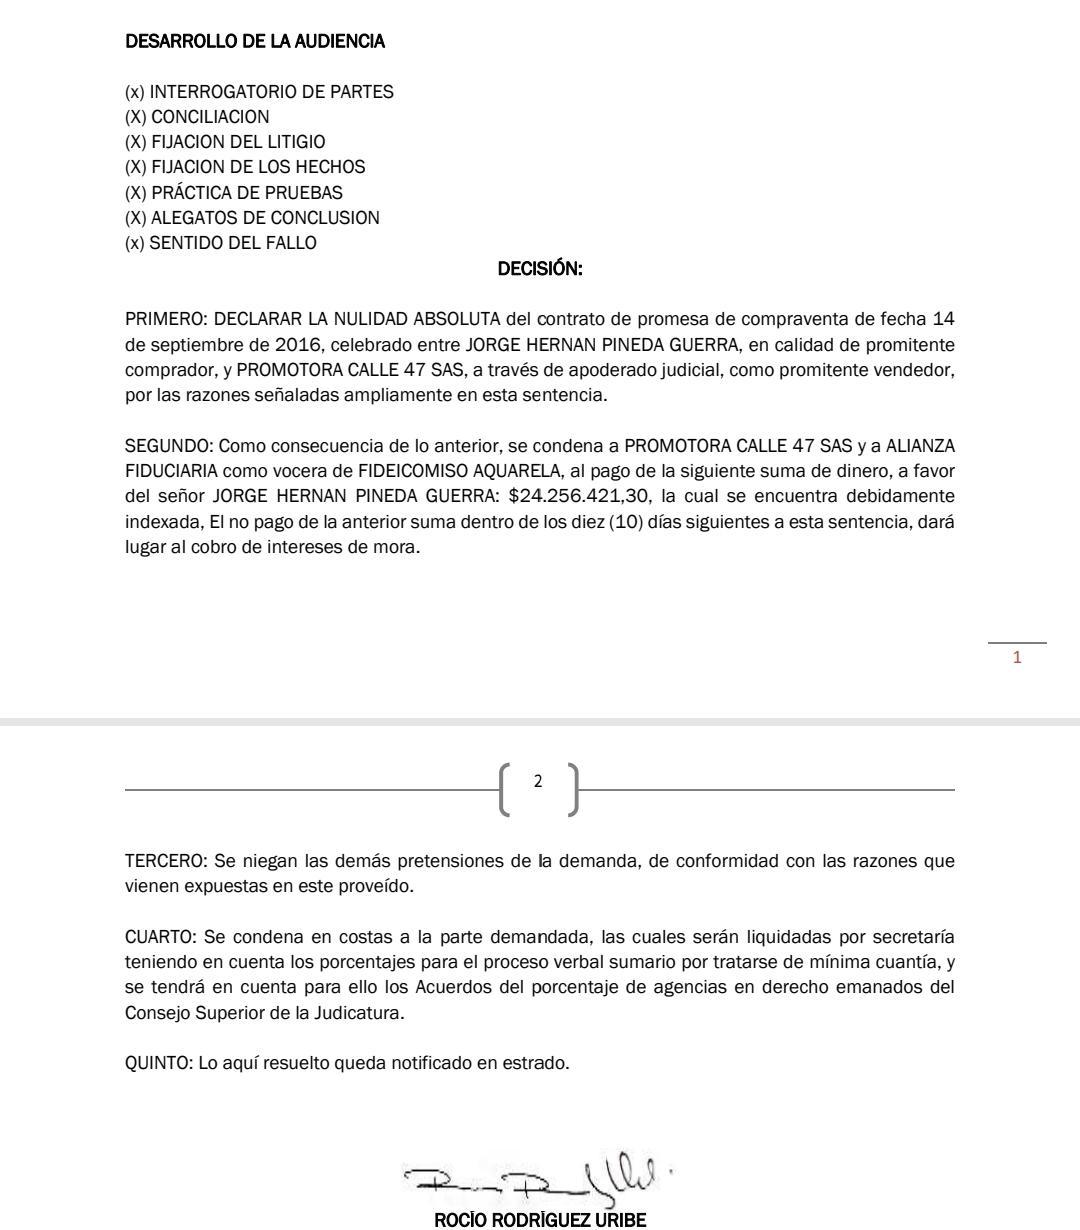 Juzgado de Cartagena ordena a Aquarela devolver cuota inicial a comprador de uno de los apartamentos